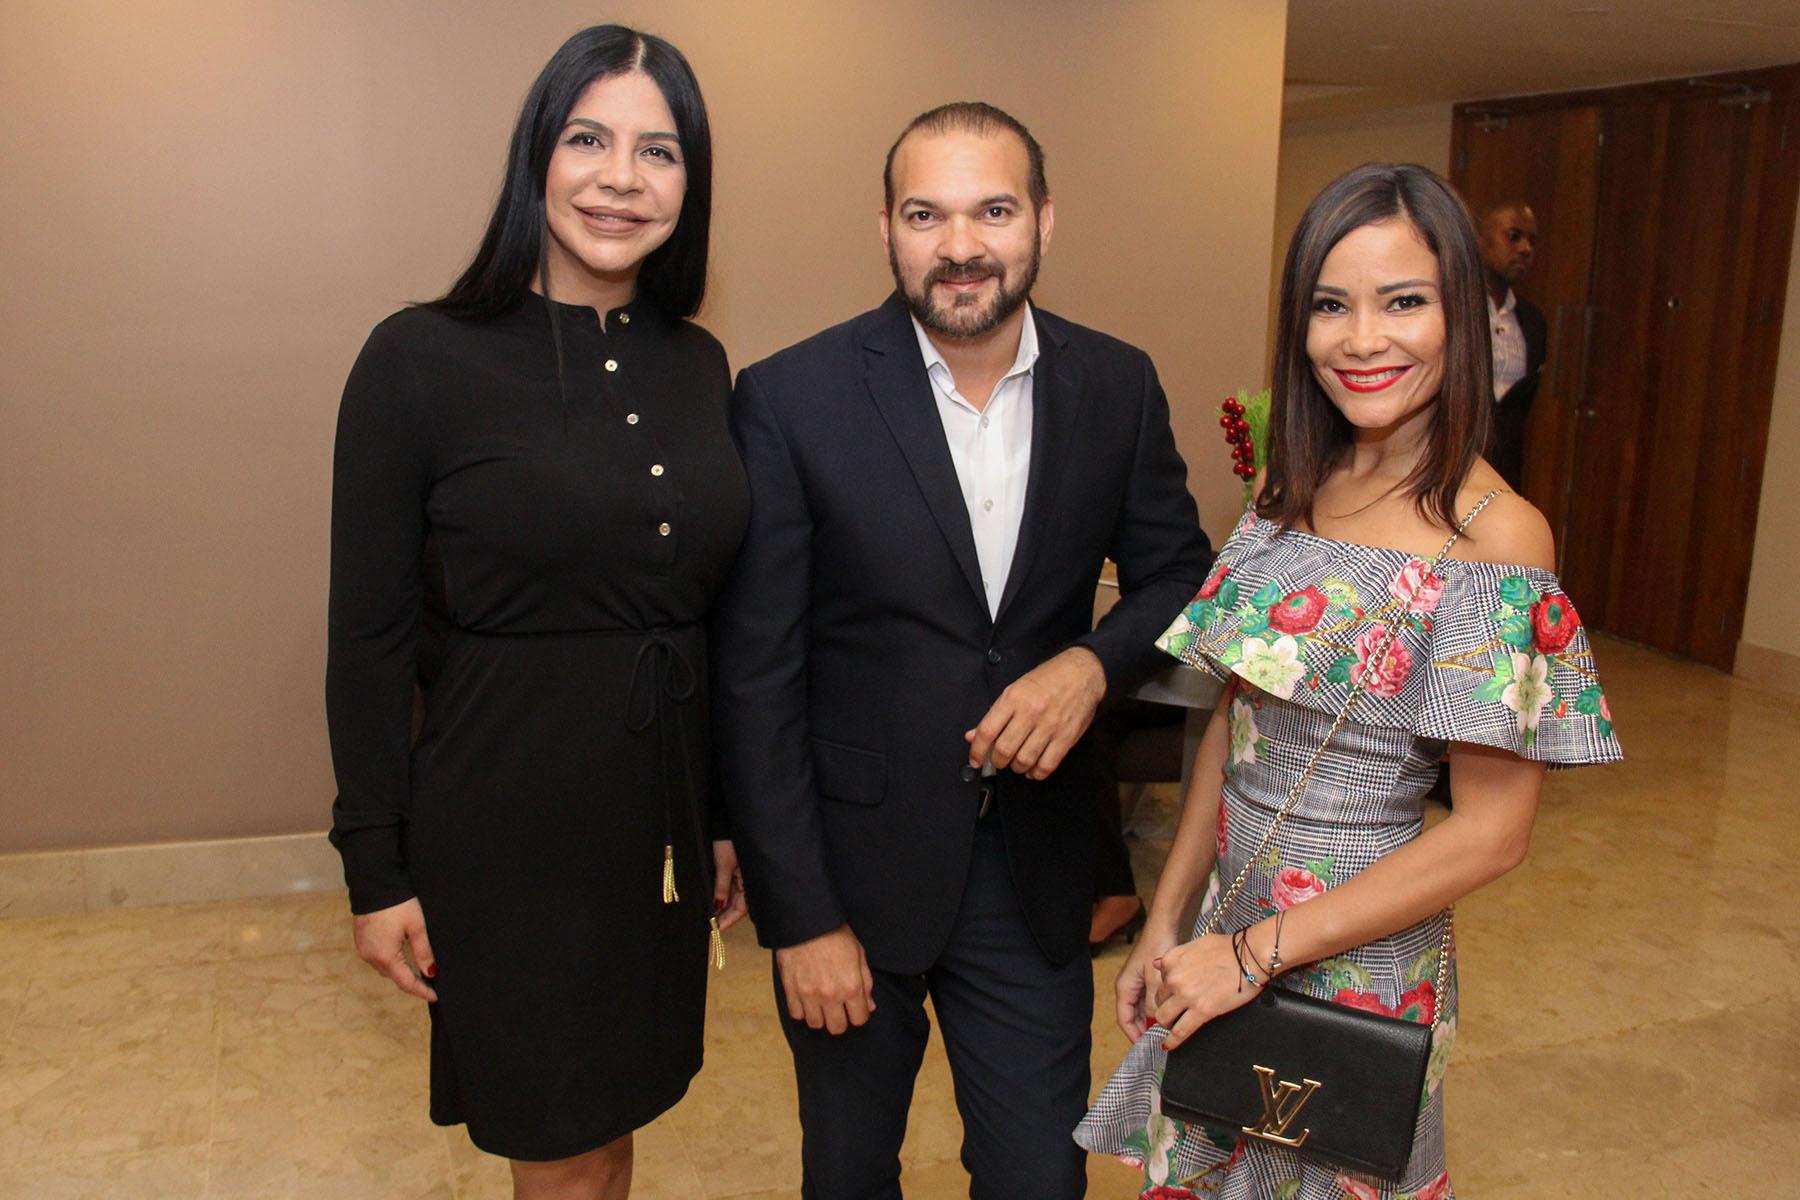 Carolina Gonzalez, Ezequiel Martínez y Melina Cuello